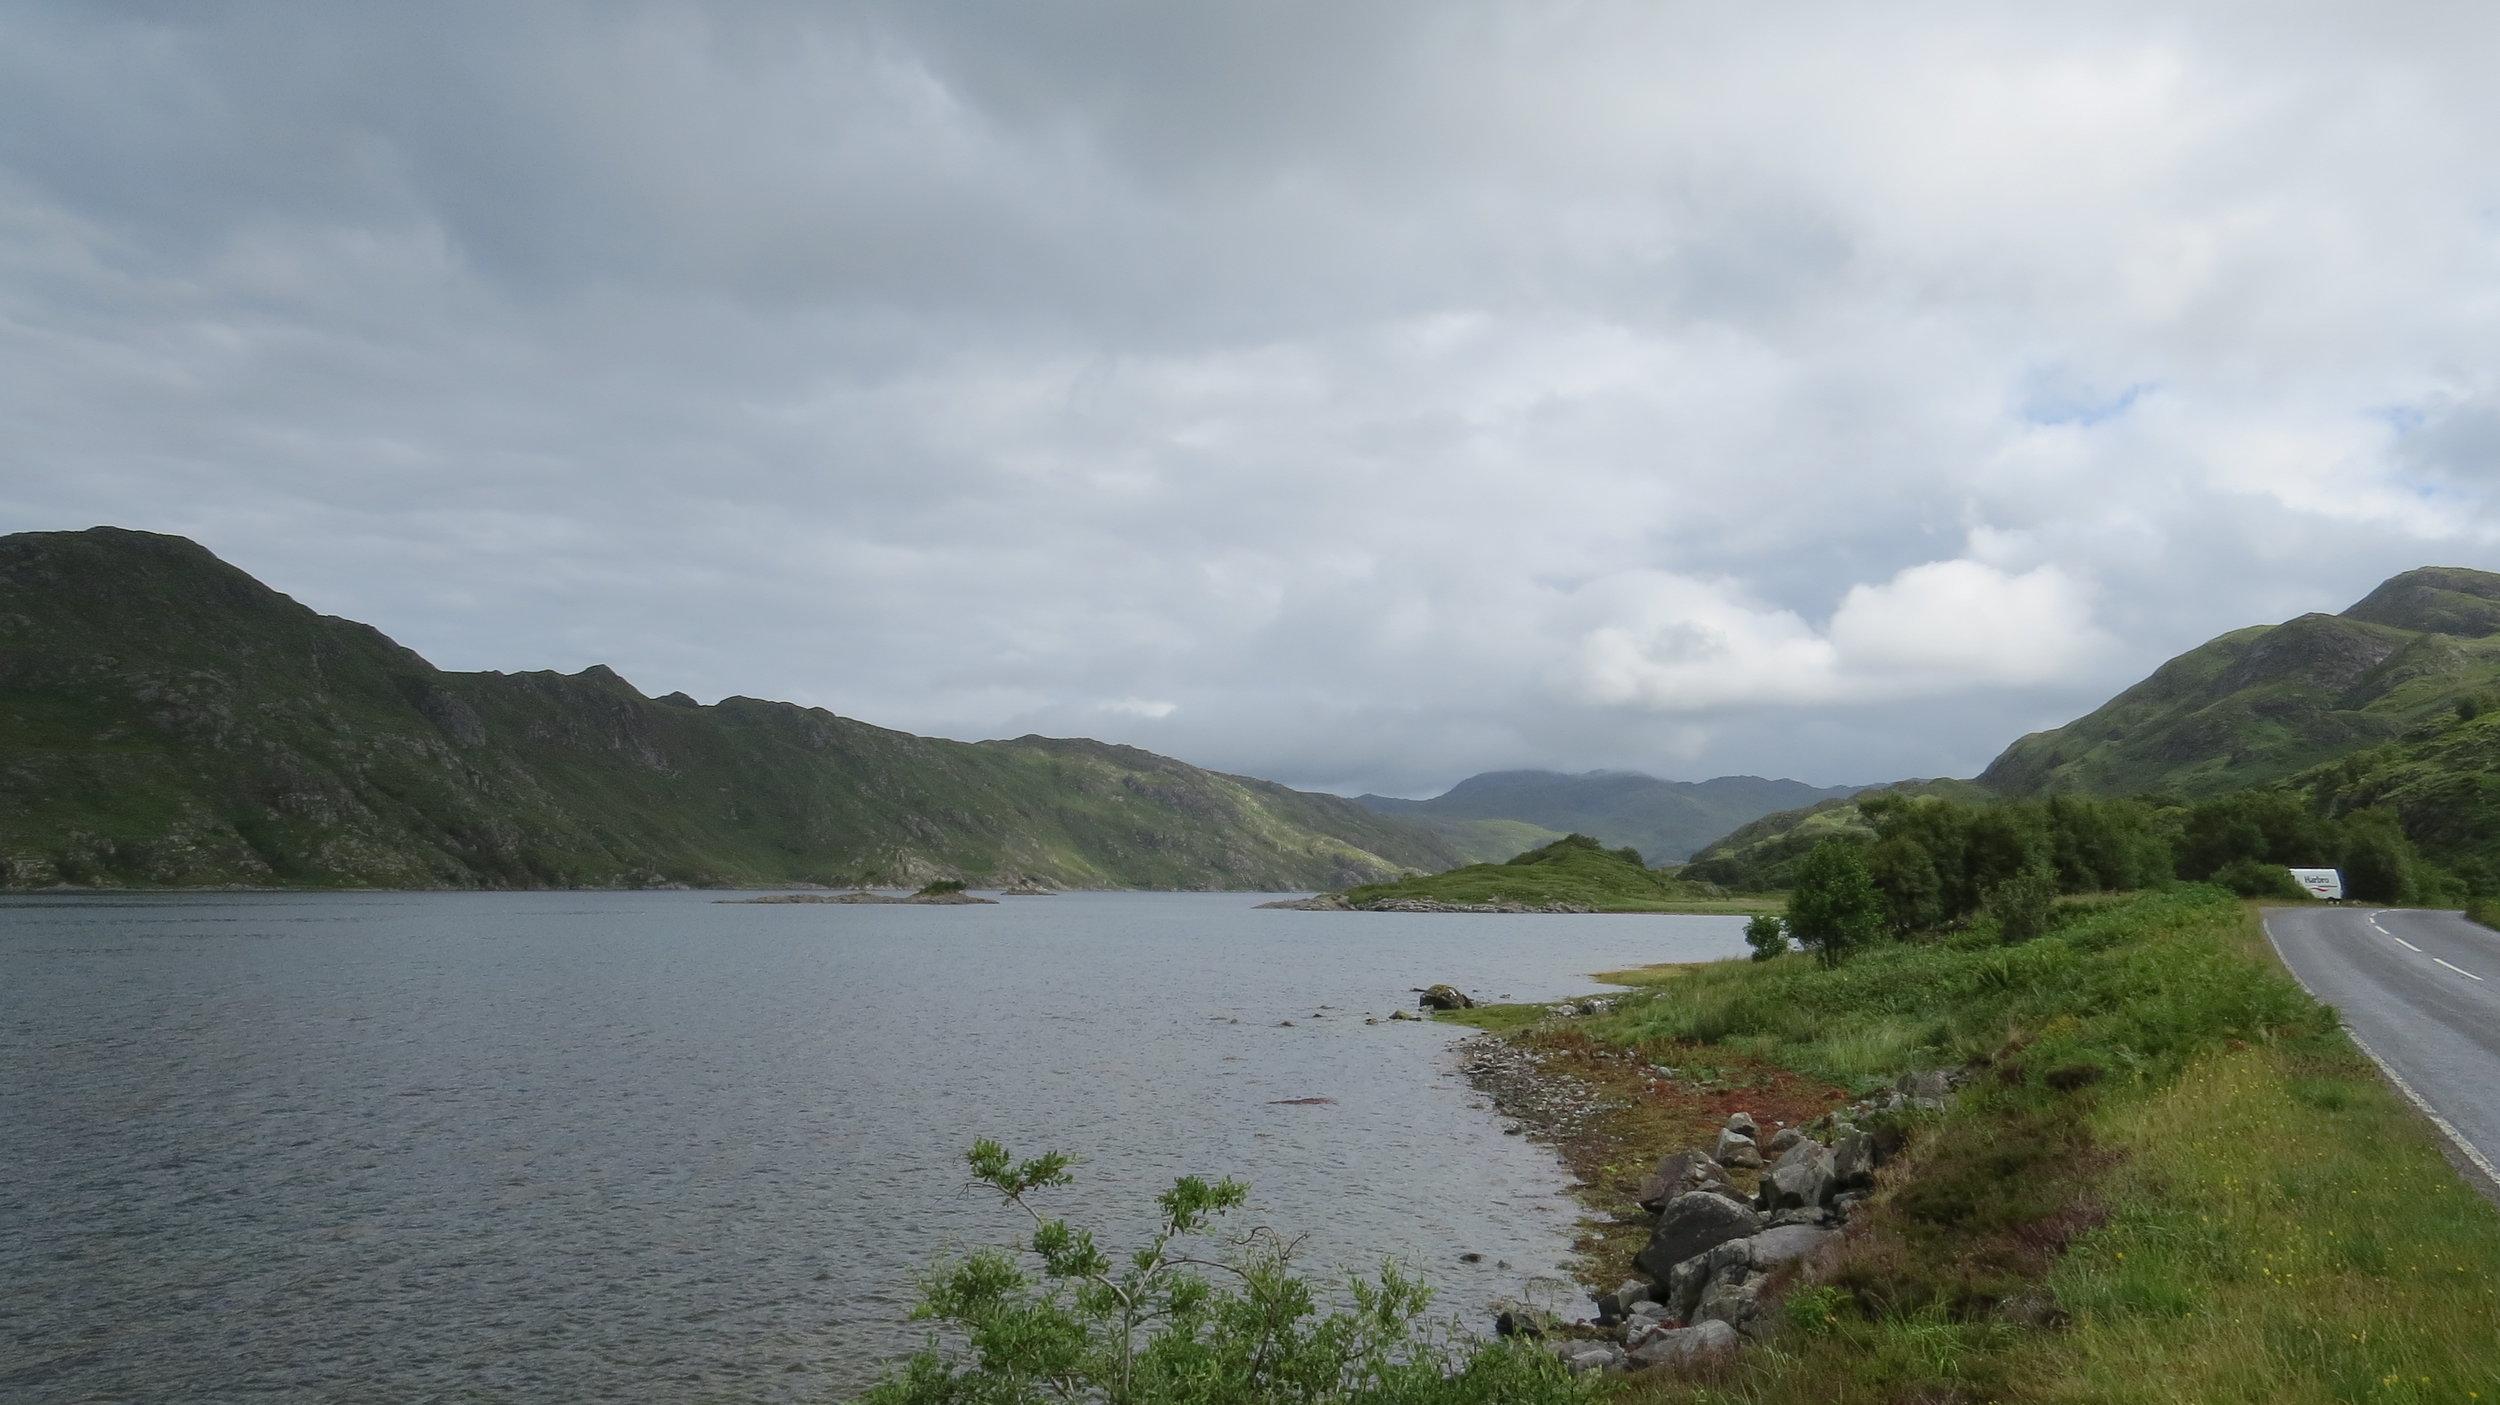 Loch Ailort